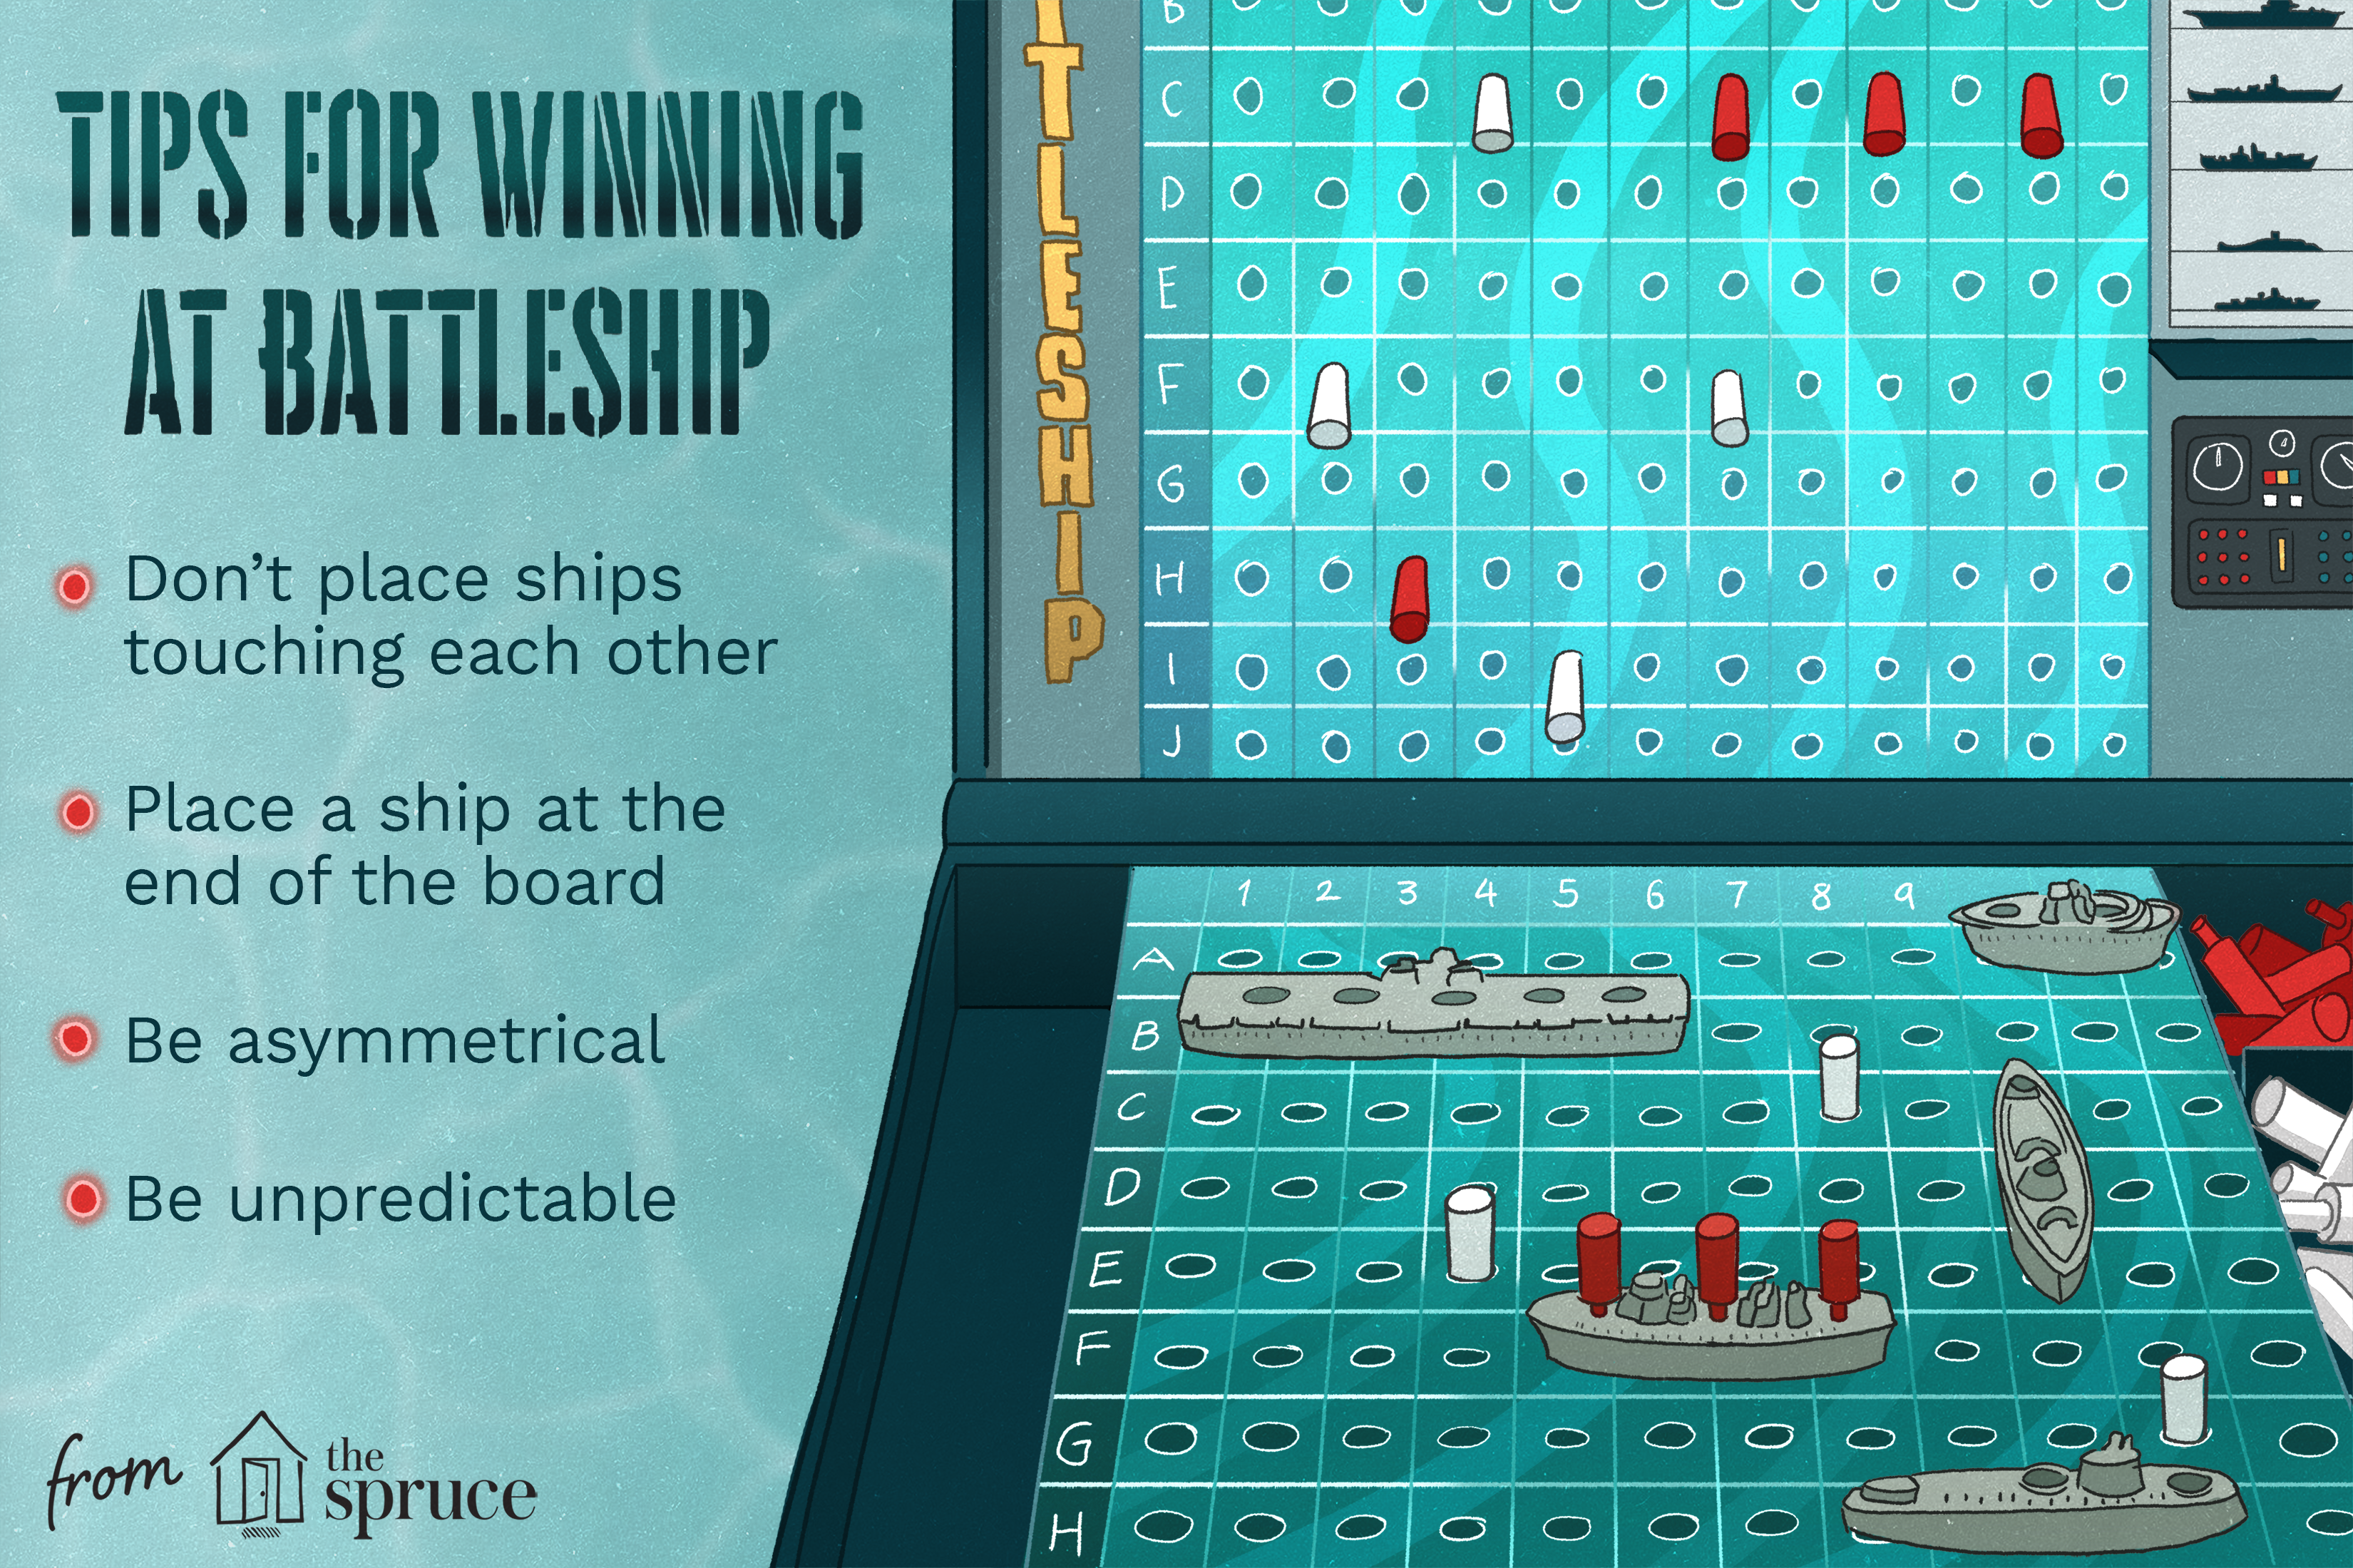 tips for winning battleship illustration